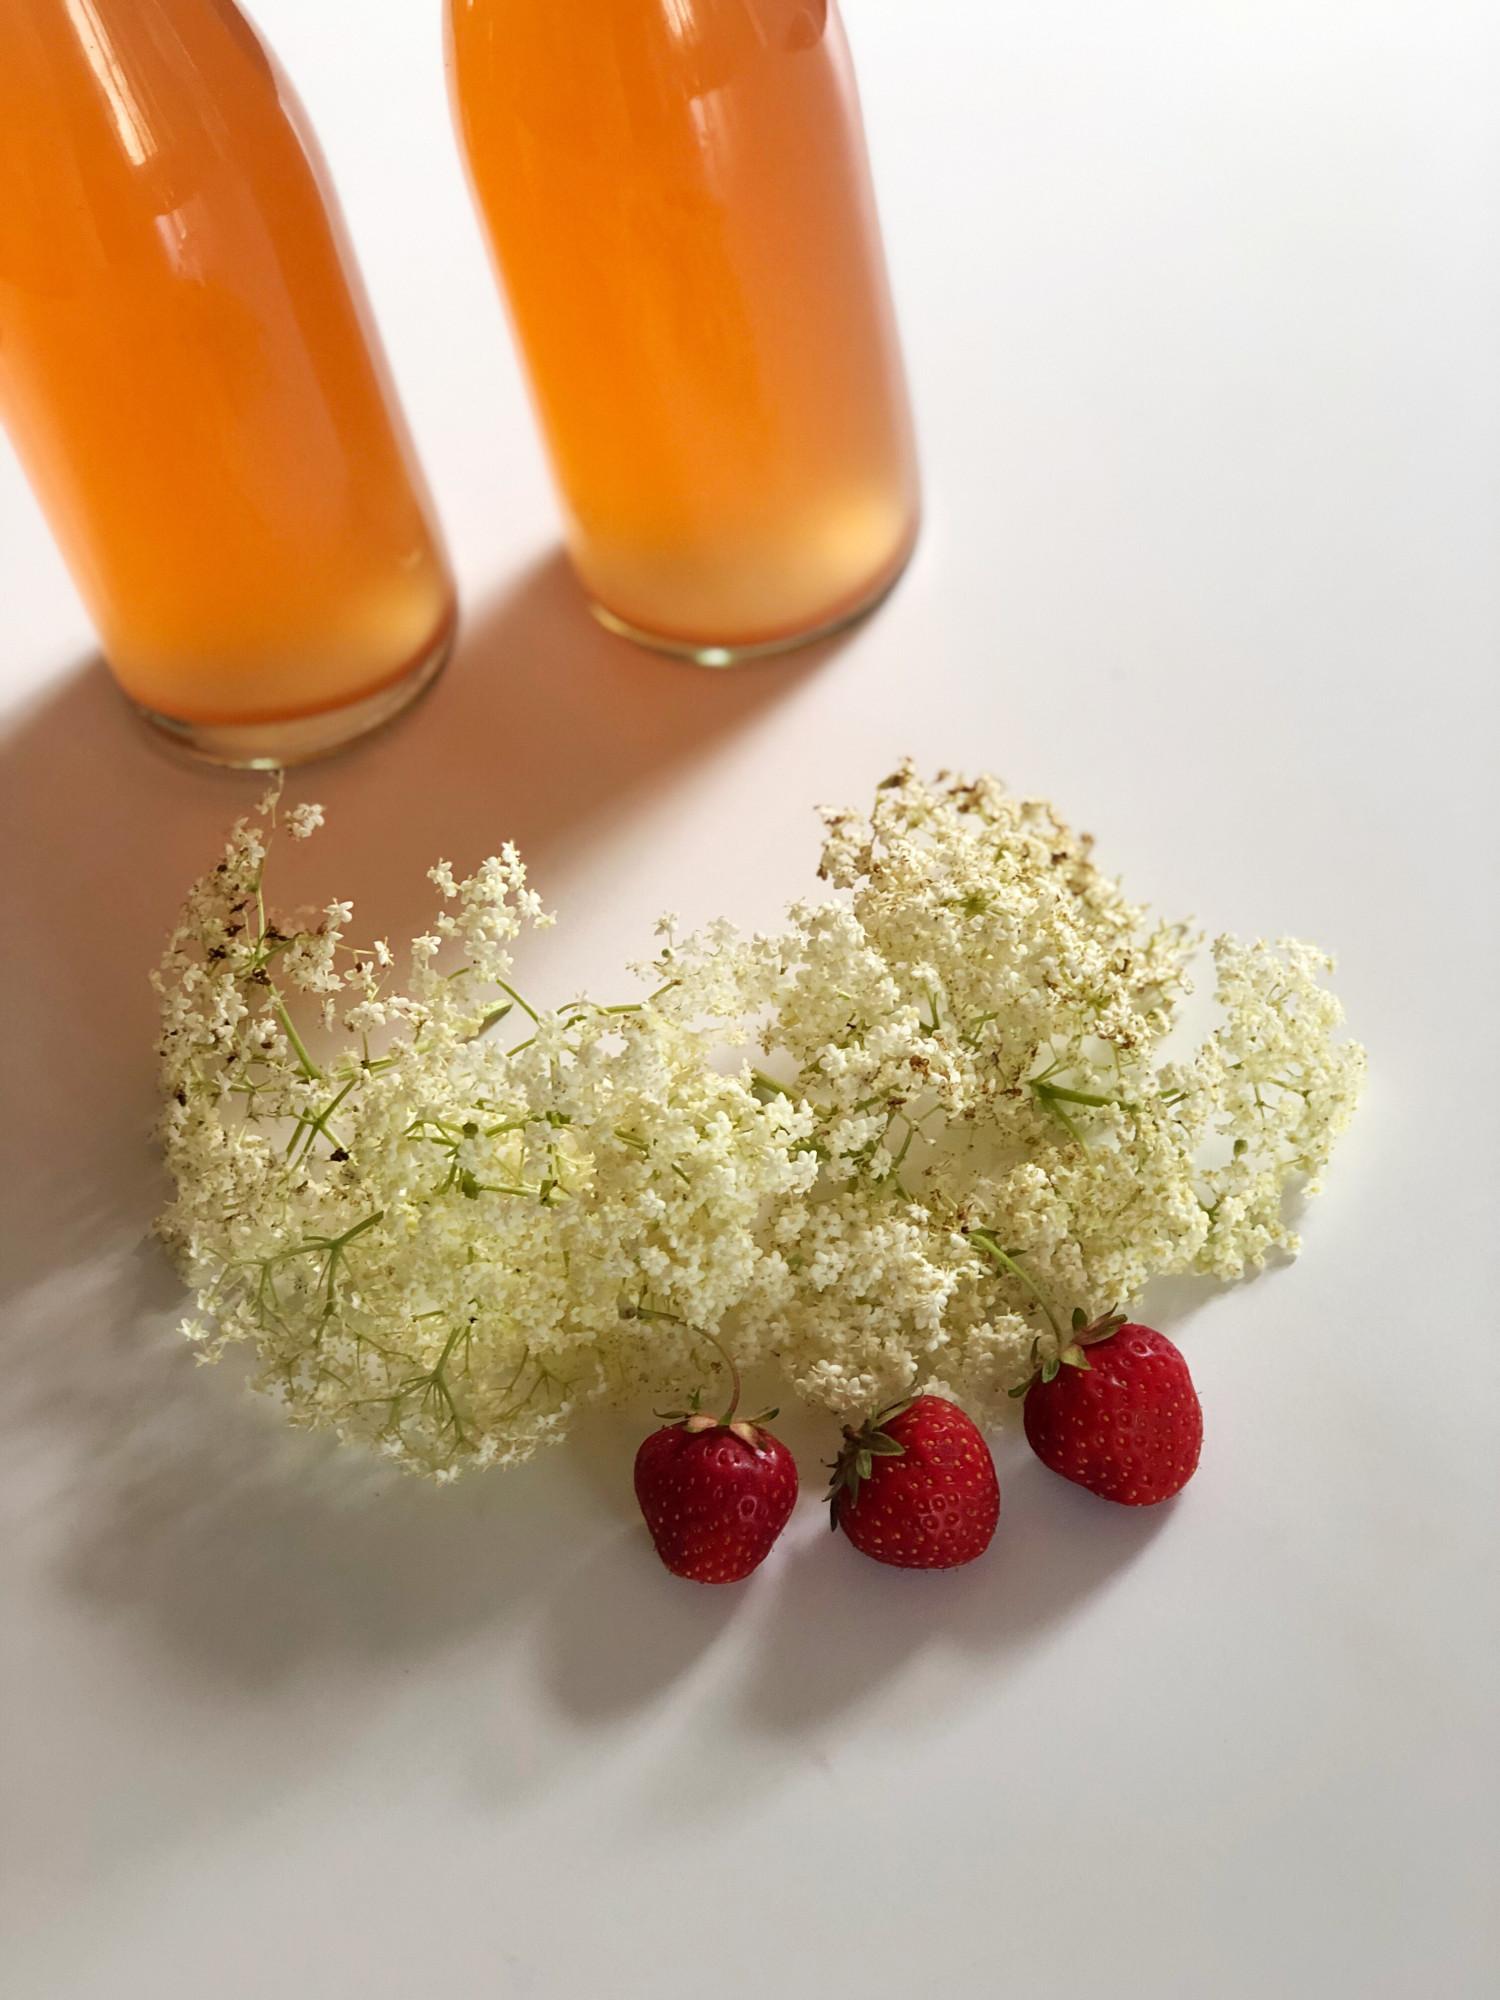 jordbær- & hyldeblomstchampagne opskrift